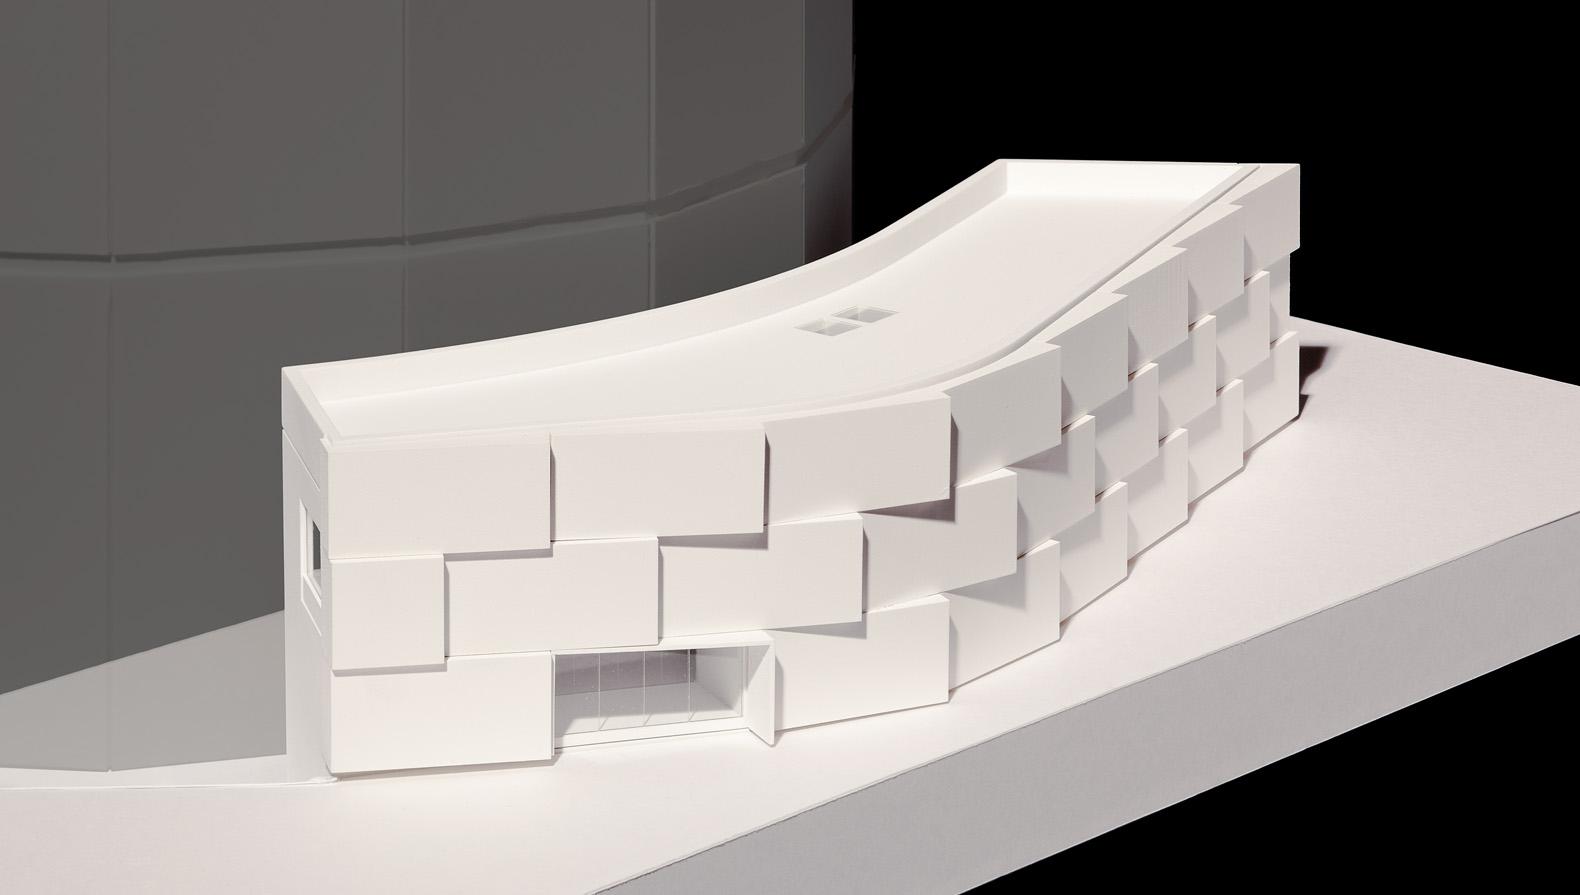 Modell des Eingangsgebäudes